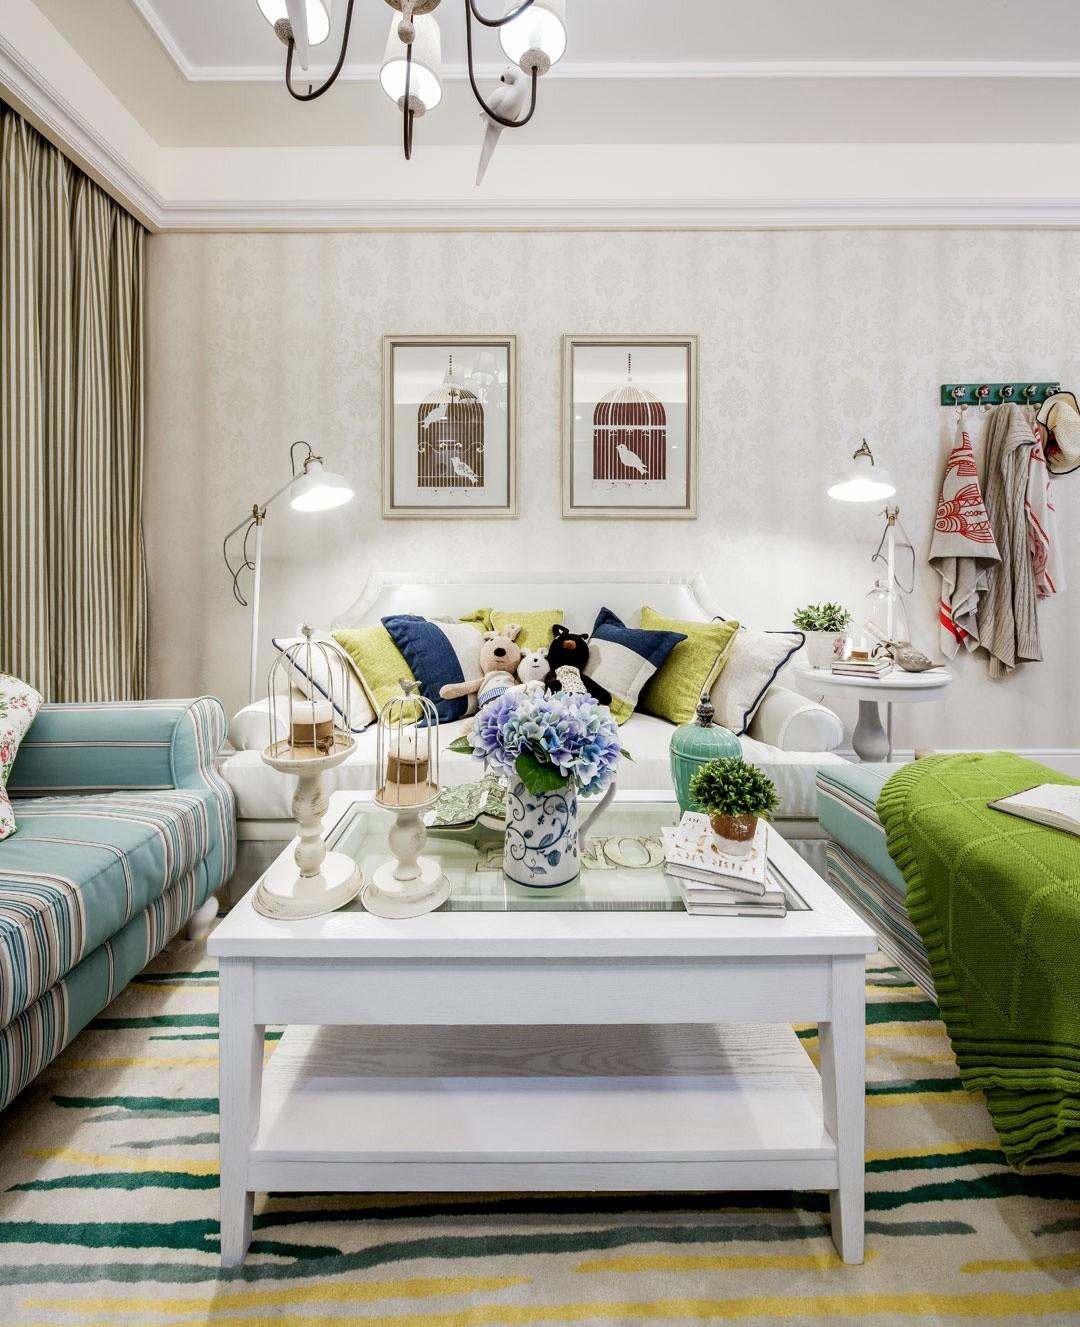 2019欧式田园客厅装修设计 2019欧式田园沙发装修设计